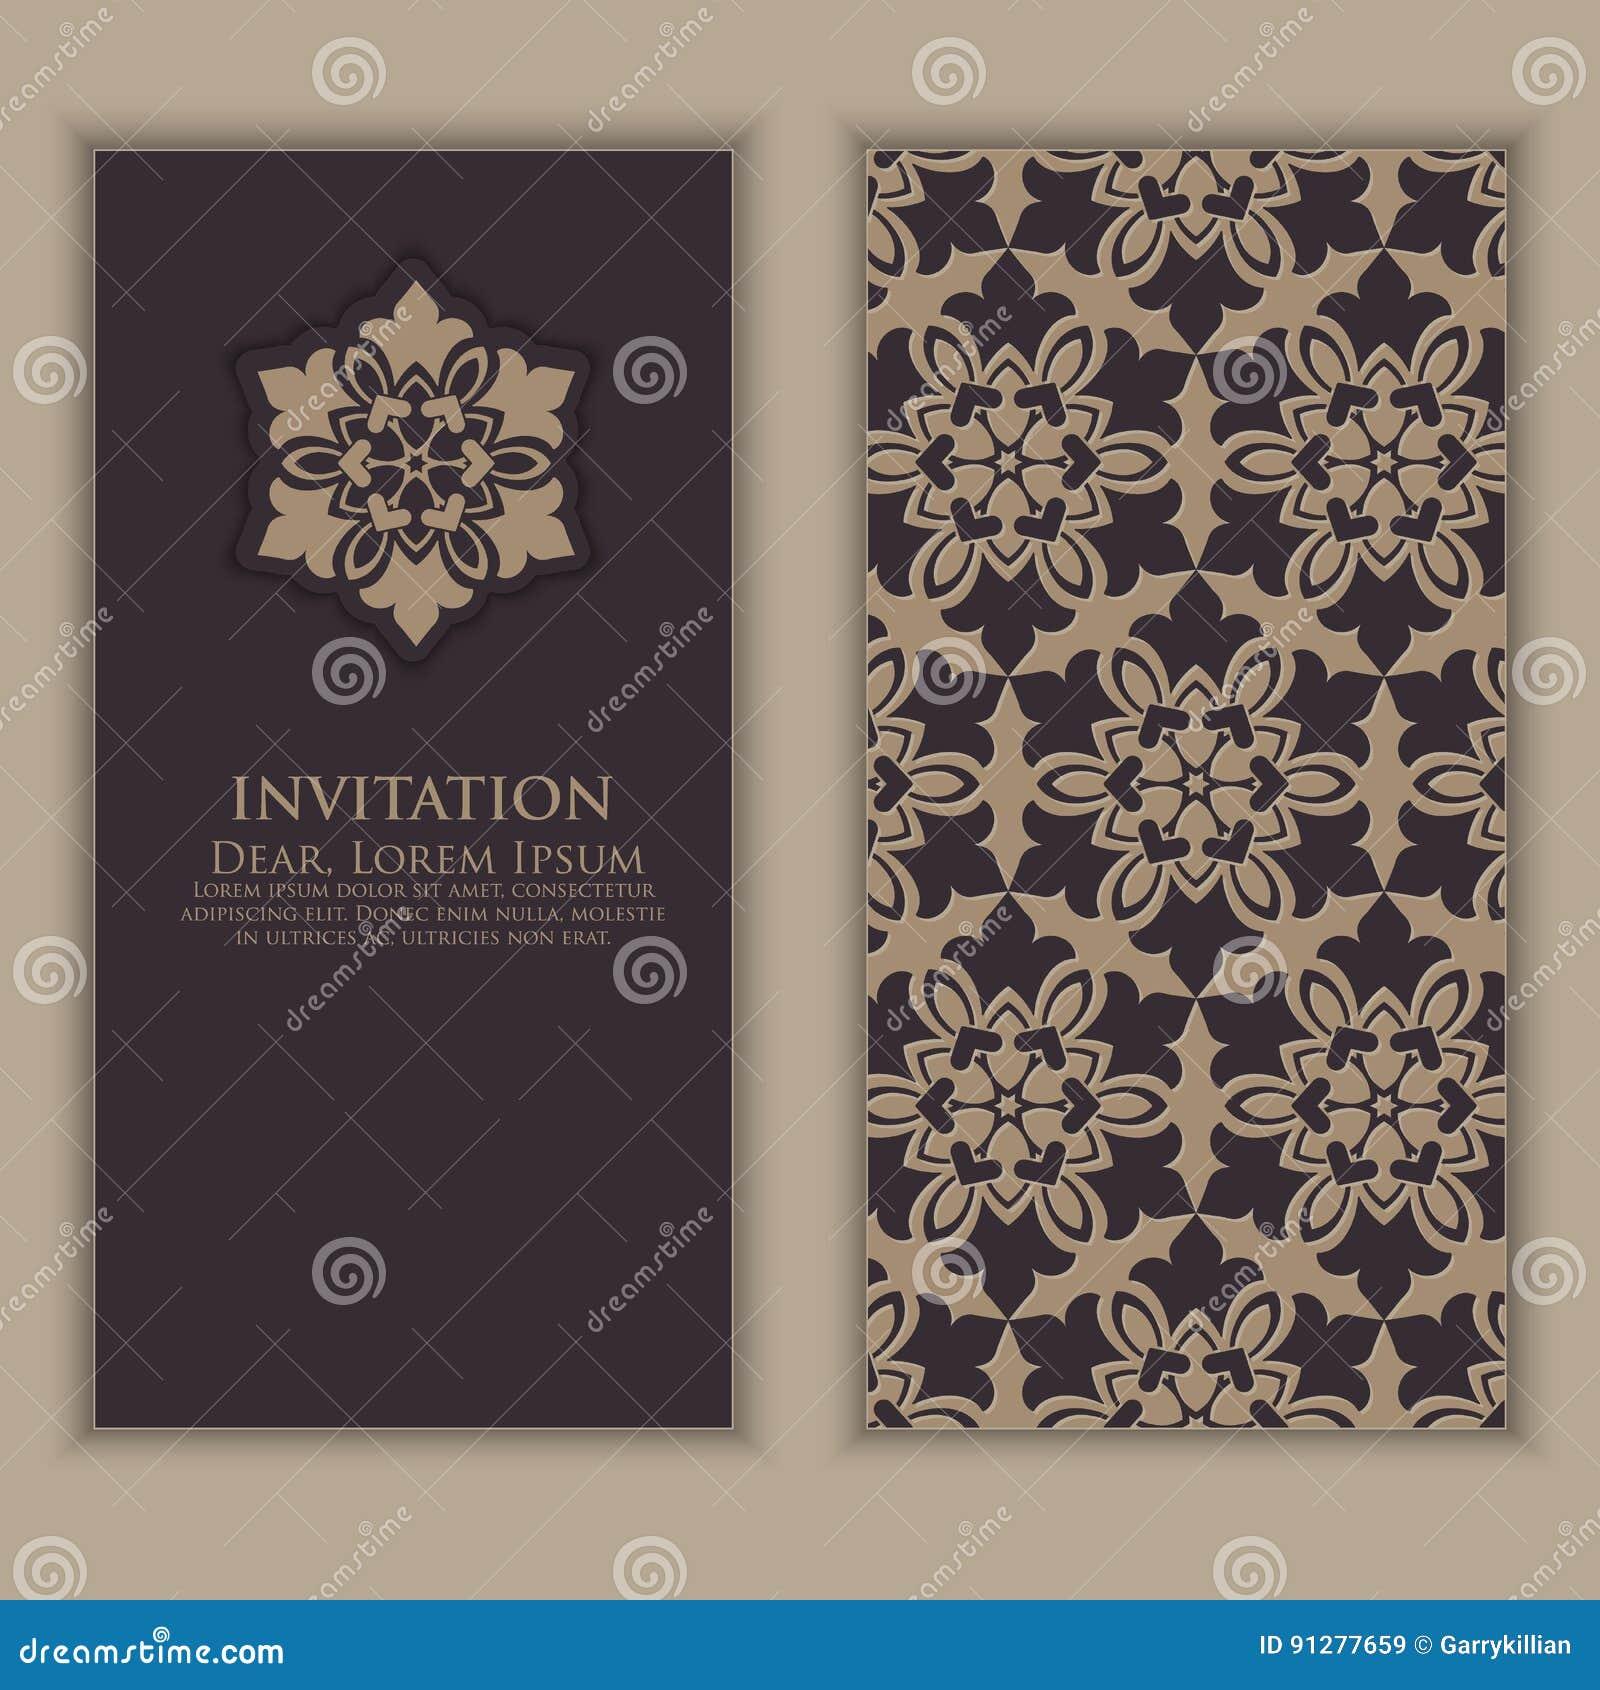 Invitation Cartes Avec Les Elements Ethniques Darabesque Conception De Style Visite Professionnelle Fond Fleuri Elegant